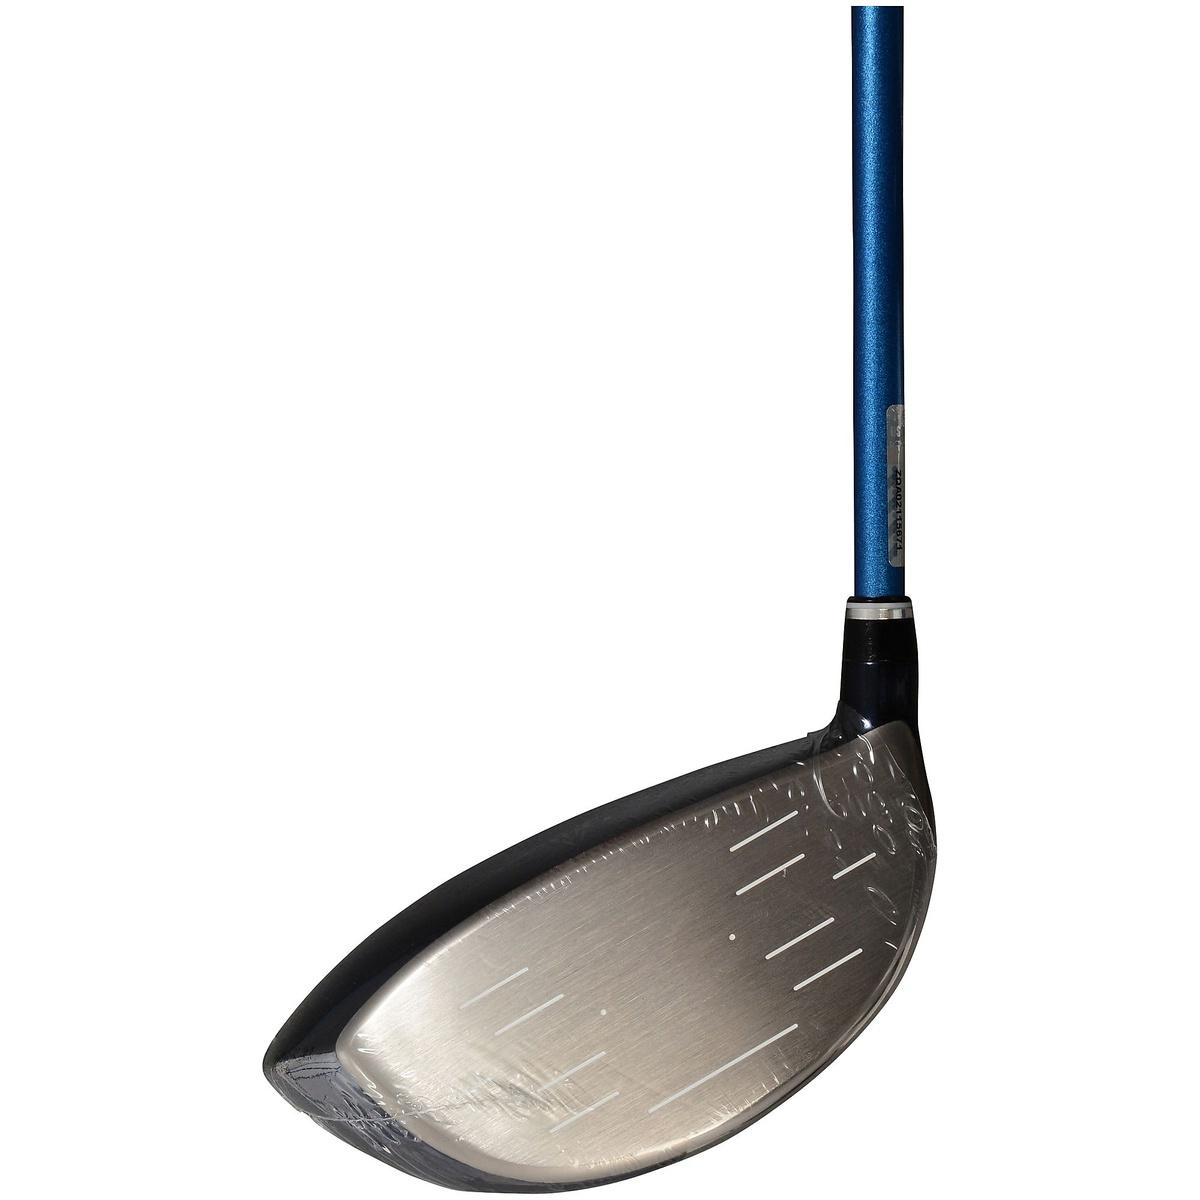 人気絶頂 ● XXIO (ゼクシオ) L レディース XX10 LW 13.5 L XX10LW ゴルフ レディースウッド レディース XX10LW 13.5 L, ファーネット:d55bf3b8 --- cleventis.eu